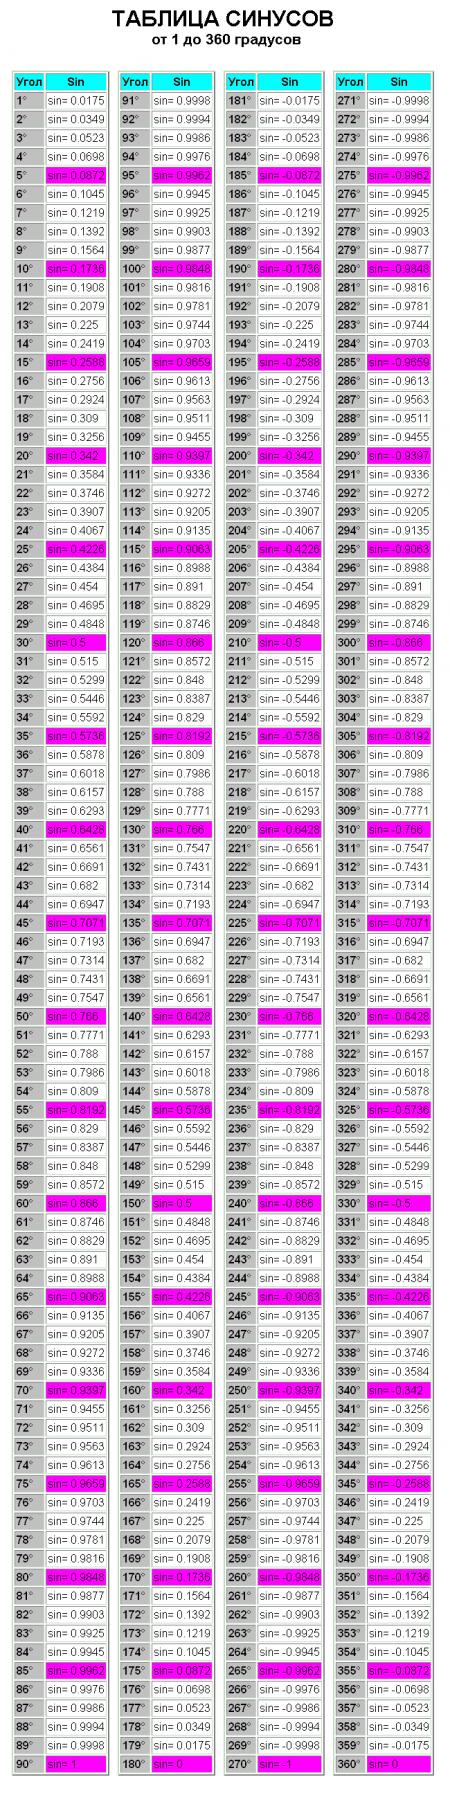 Таблица синусов всех возможных углов.